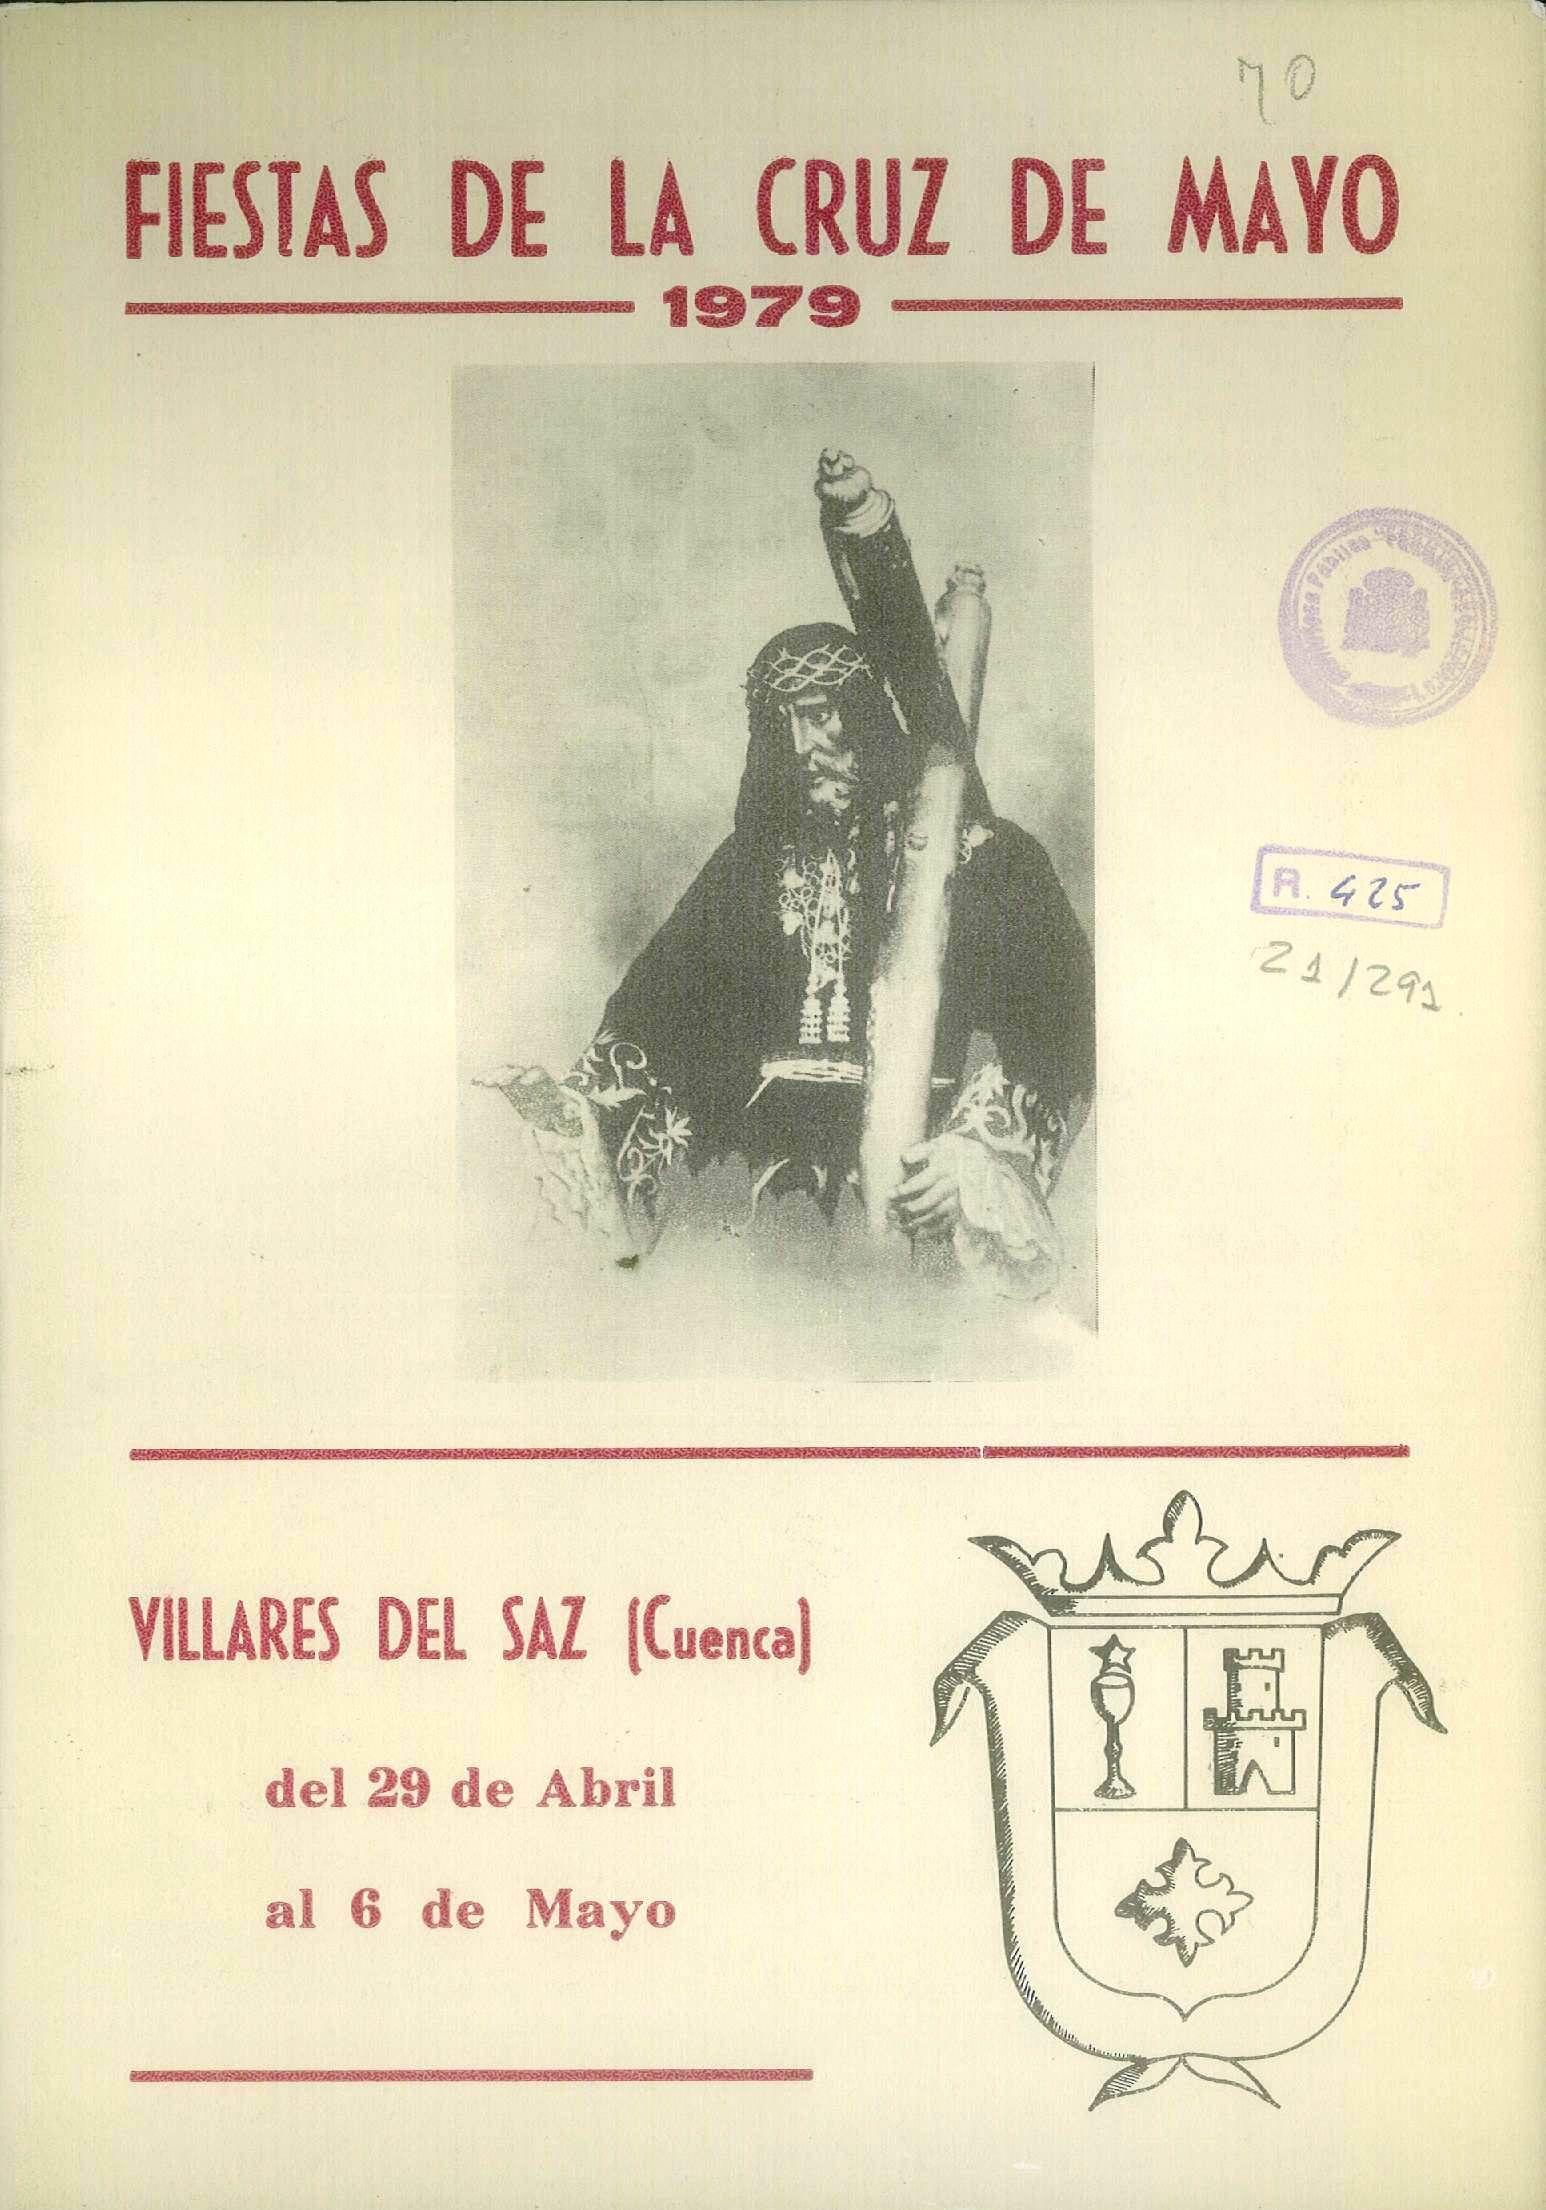 Fiestas de la Cruz de Mayo en Villares del Saz (Cuenca). Del 29 de abril al 6 de mayo de 1979. Concurso de bailes clásicos. #Fiestaspopulares #VillaresdelSaz #Cuenca